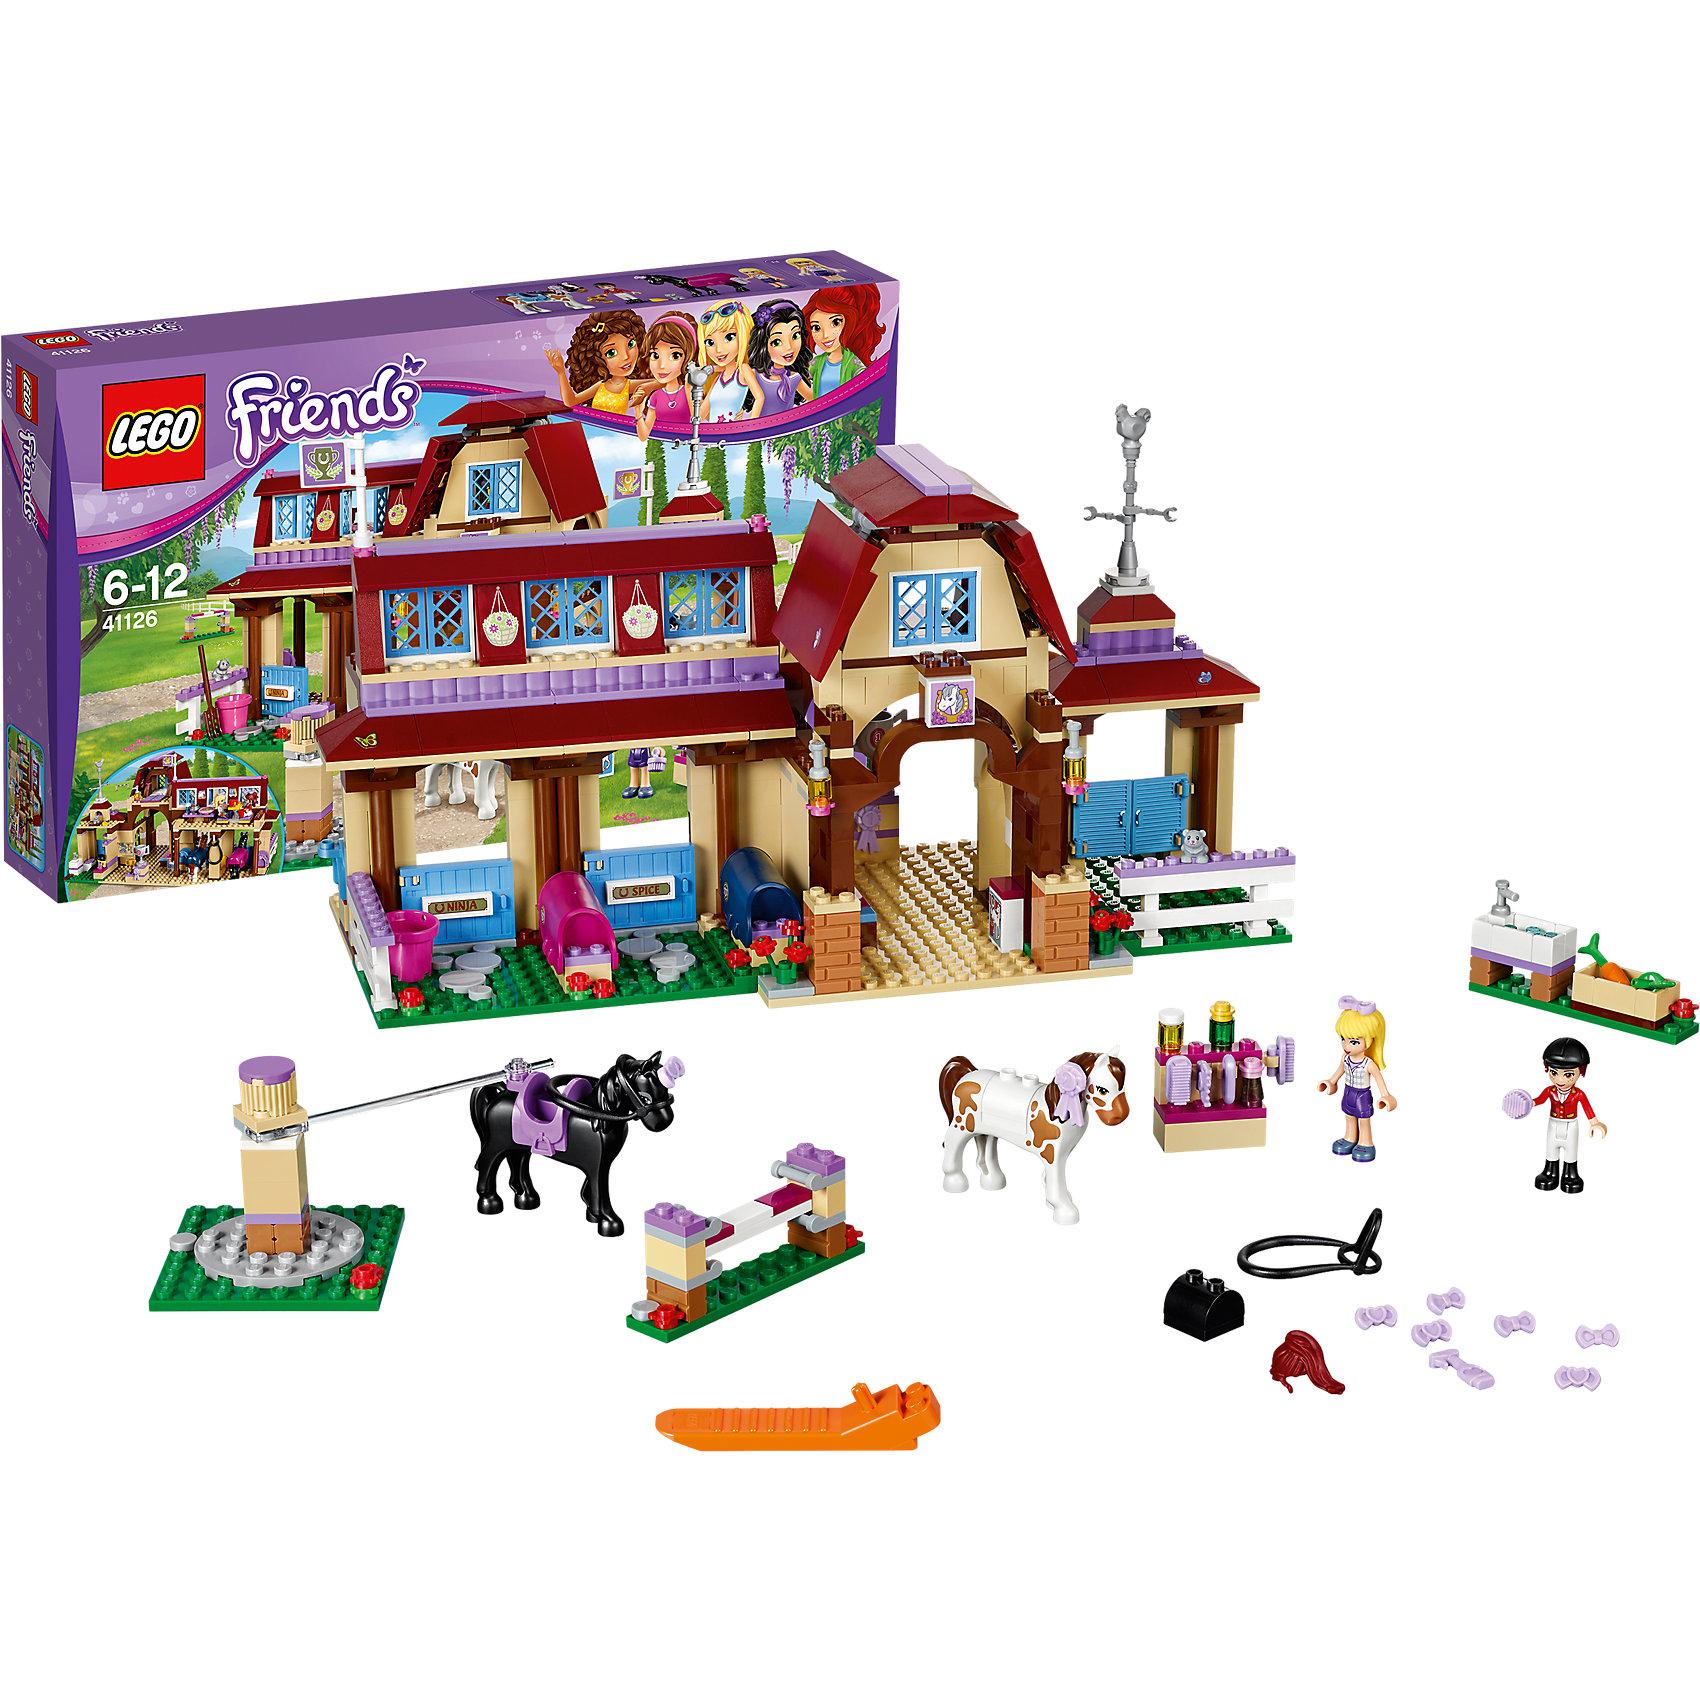 LEGO Friends 41126: Клуб верховой ездыПластмассовые конструкторы<br>Конструкторы из серии LEGO Friends полюбились многим современным девочкам, поэтому набор Лего, из которого можно собрать разные сюжеты про героев и её приключения, обязательно порадует ребенка. Такие игрушки помогают детям развивать воображение, мелкую моторику, логику и творческое мышление.<br>Набор состоит из множества деталей, с помощью которых можно  собрать декорации для игр, а также в нем есть фигурки любимых персонажей! С таким комплектом можно придумать множество игр!<br><br>Дополнительная информация:<br><br>цвет: разноцветный;<br>размер коробки: 7 x 47 x 28 см;<br>вес: 3000 г;<br>материал: пластик;<br>количество деталей: 575.<br><br>Набор Клуб верховой езды от бренда LEGO Friends можно купить в нашем магазине.<br><br>Ширина мм: 475<br>Глубина мм: 281<br>Высота мм: 78<br>Вес г: 1190<br>Возраст от месяцев: 72<br>Возраст до месяцев: 144<br>Пол: Женский<br>Возраст: Детский<br>SKU: 4641218